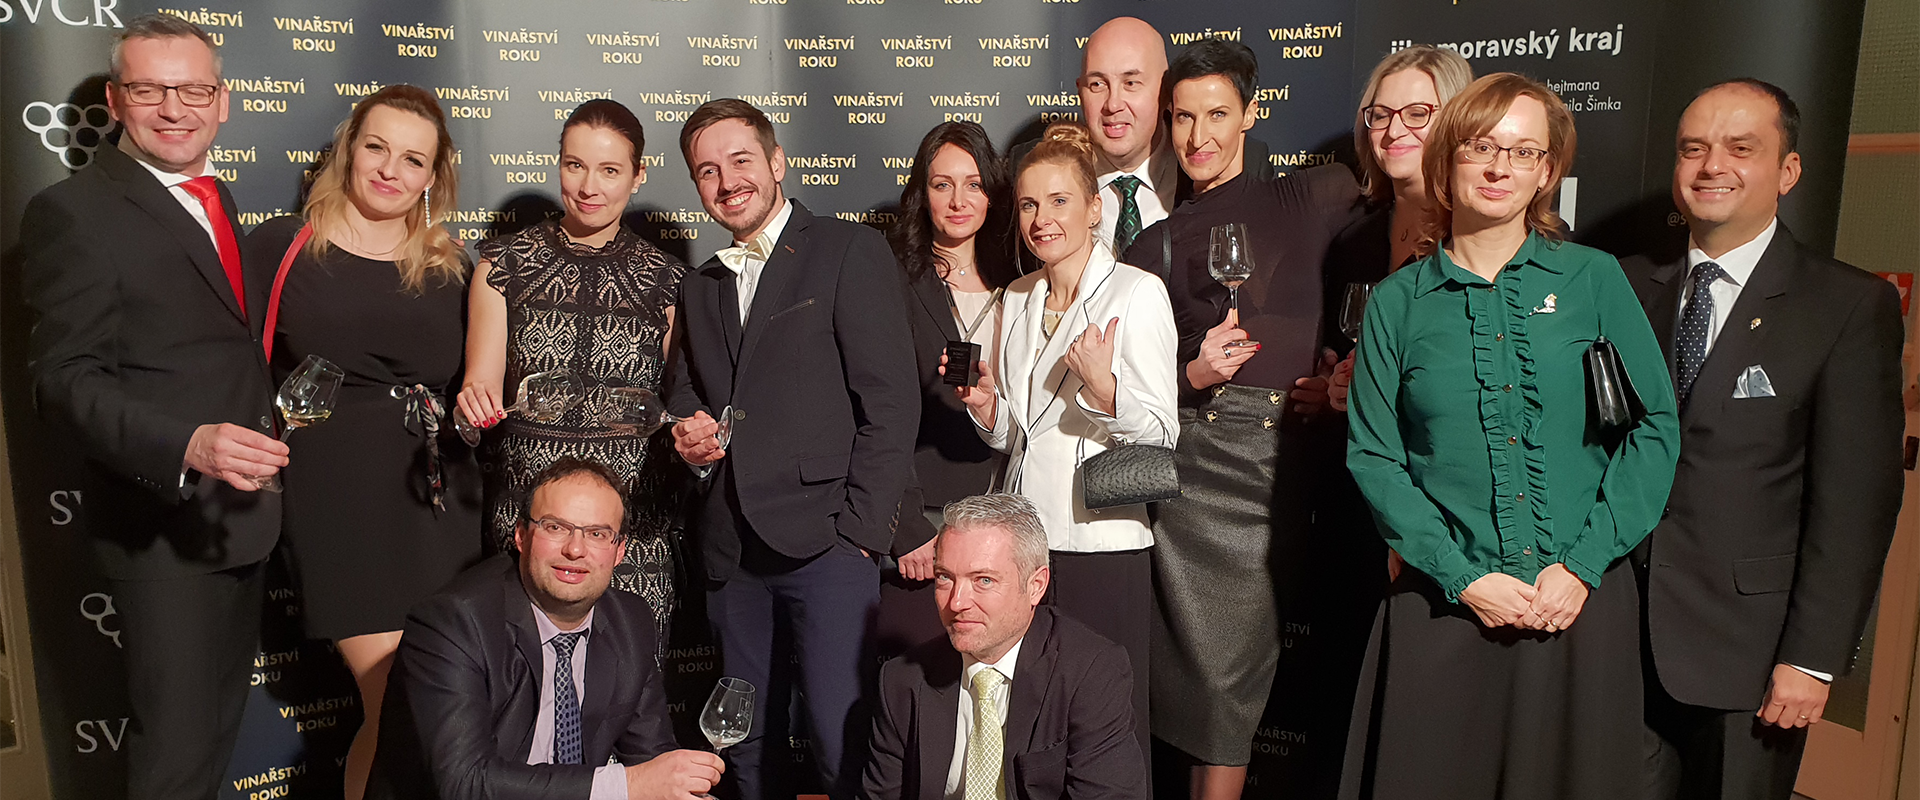 Šlechtitelka - vinařství roku 2018